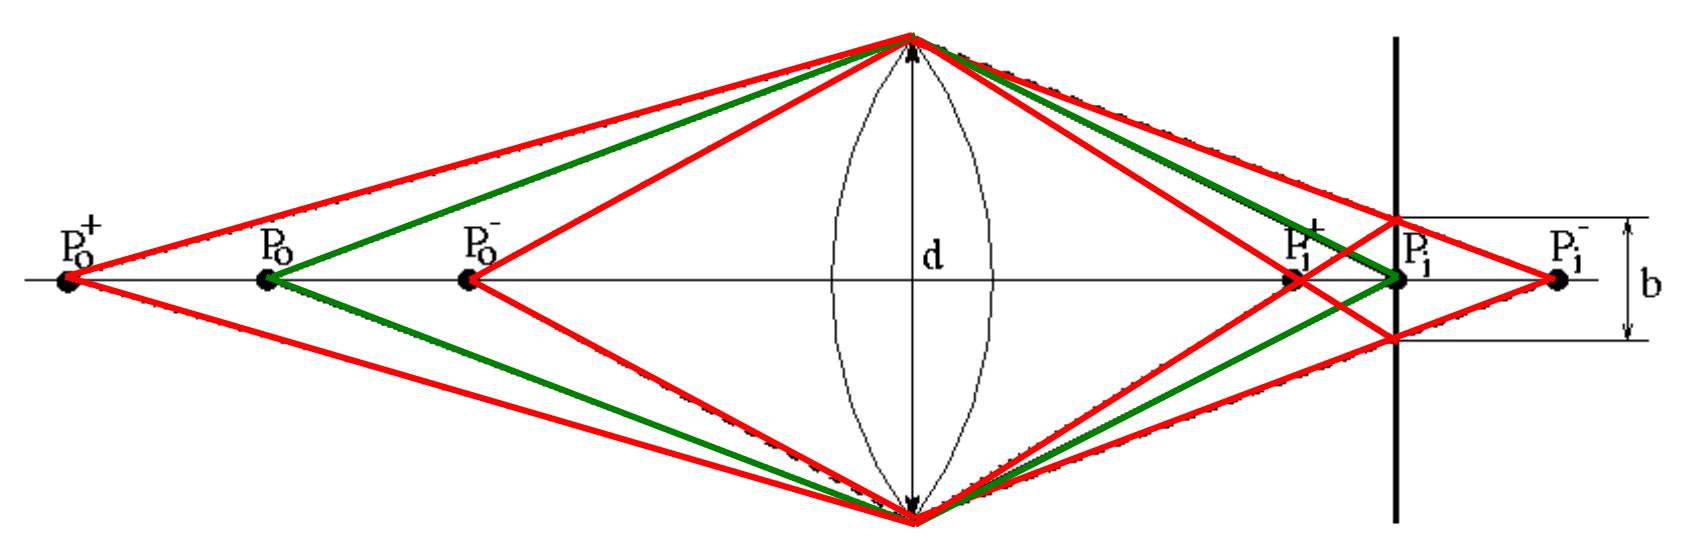 Depth-of-field model